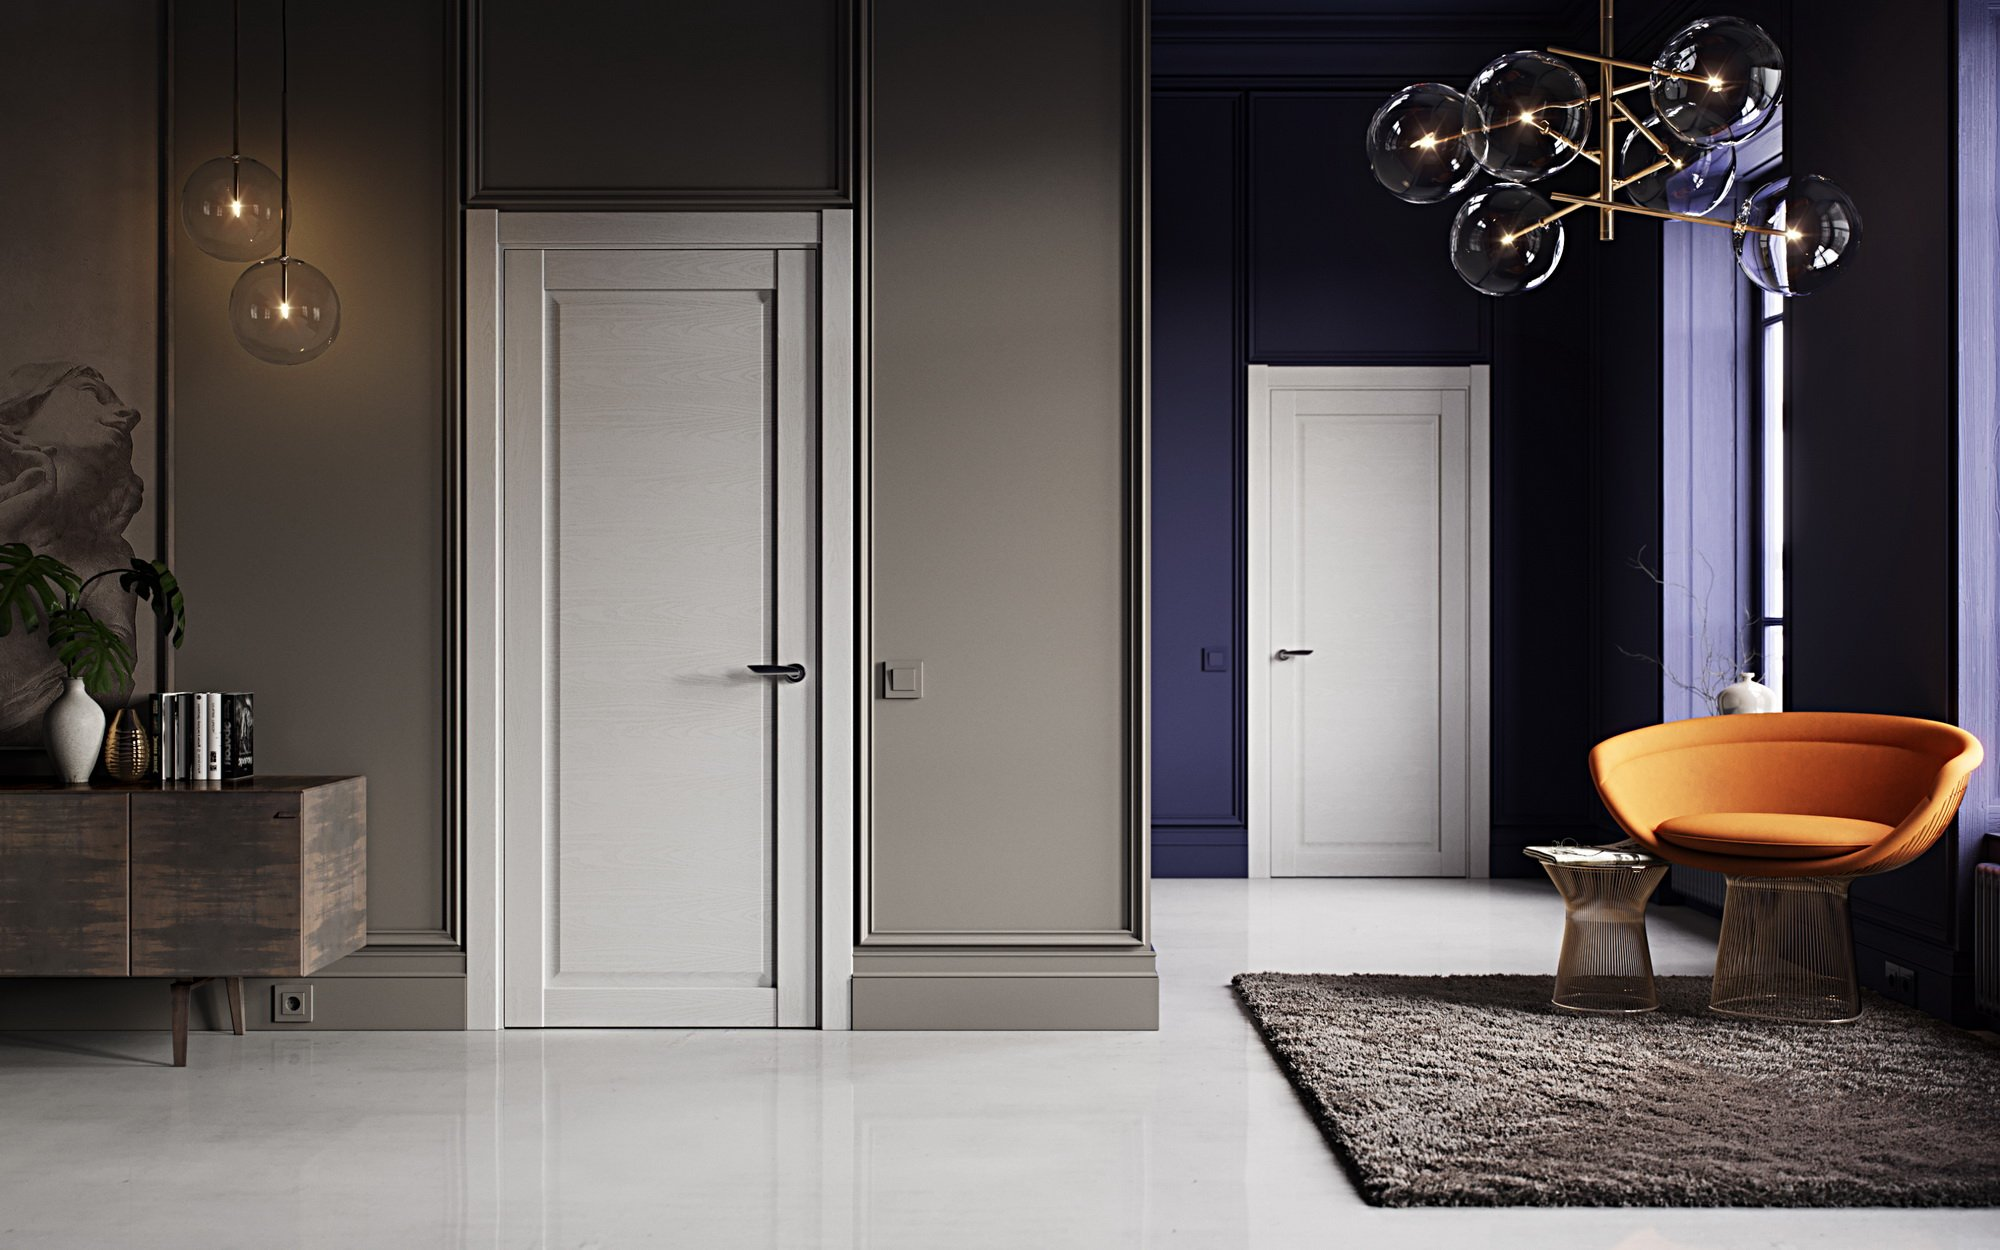 La combinaison de portes claires et de murs sombres à l'intérieur